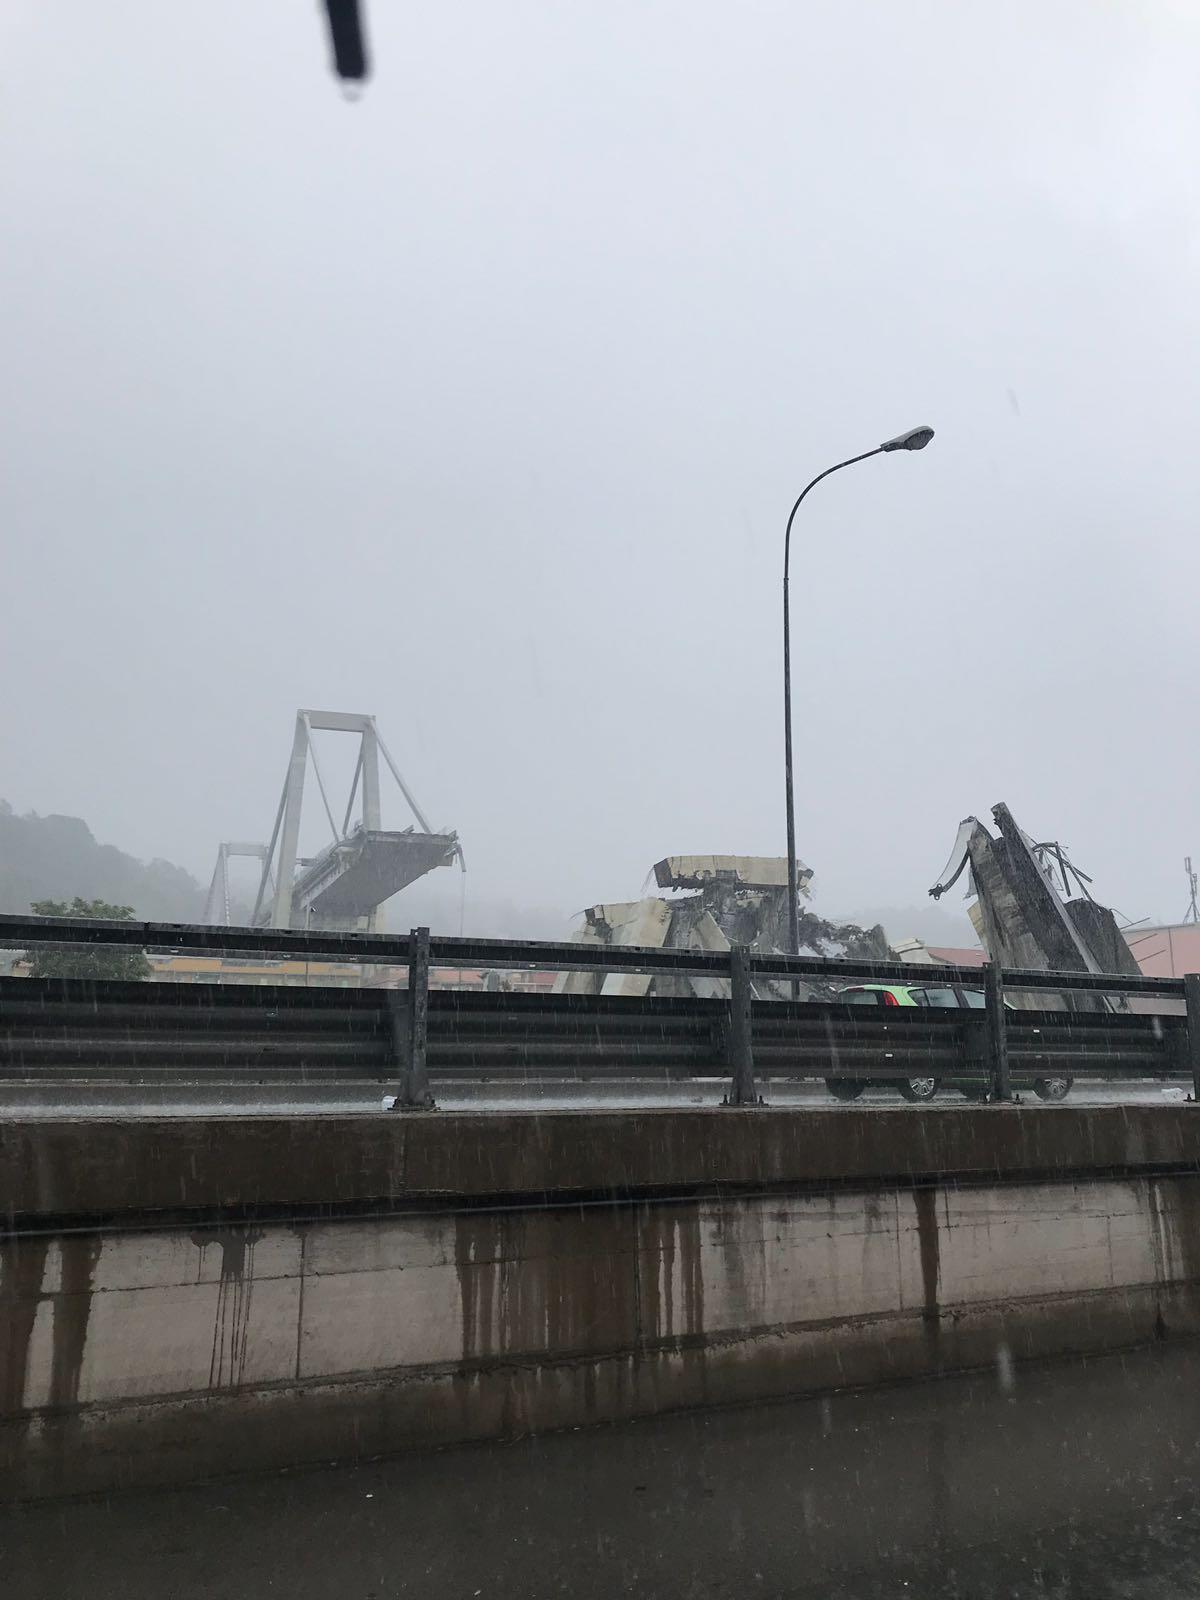 Crollato ponte morandi sulla a10 potrebbero esserci auto coinvolte il nuovo levante - Ikea genova uscita autostrada ...